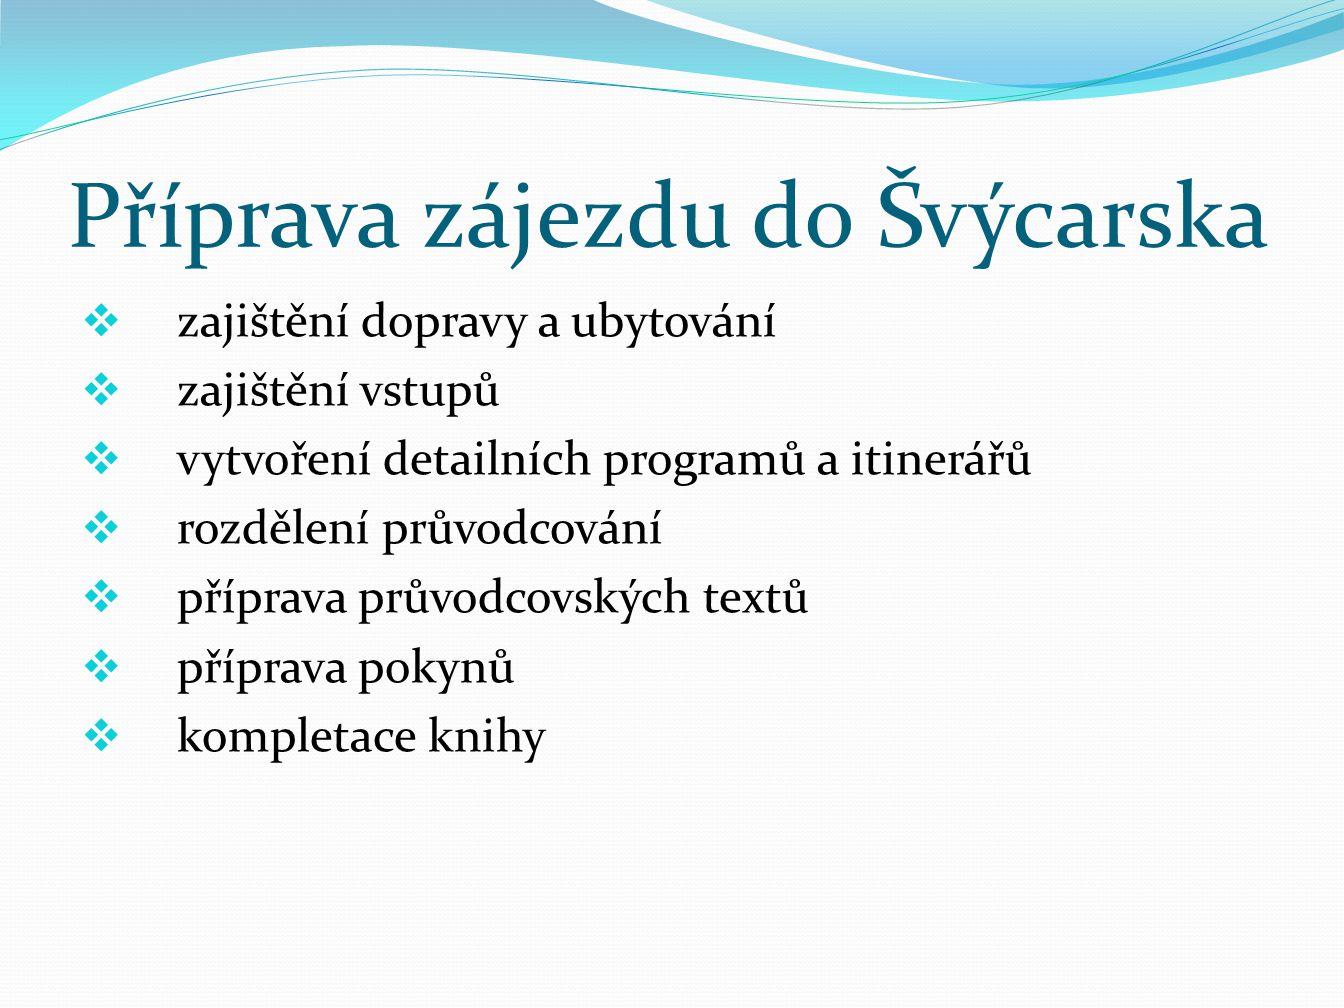 Příprava zájezdu do Švýcarska  zájezd hotov na konci Srpna  odjezd dne 20.